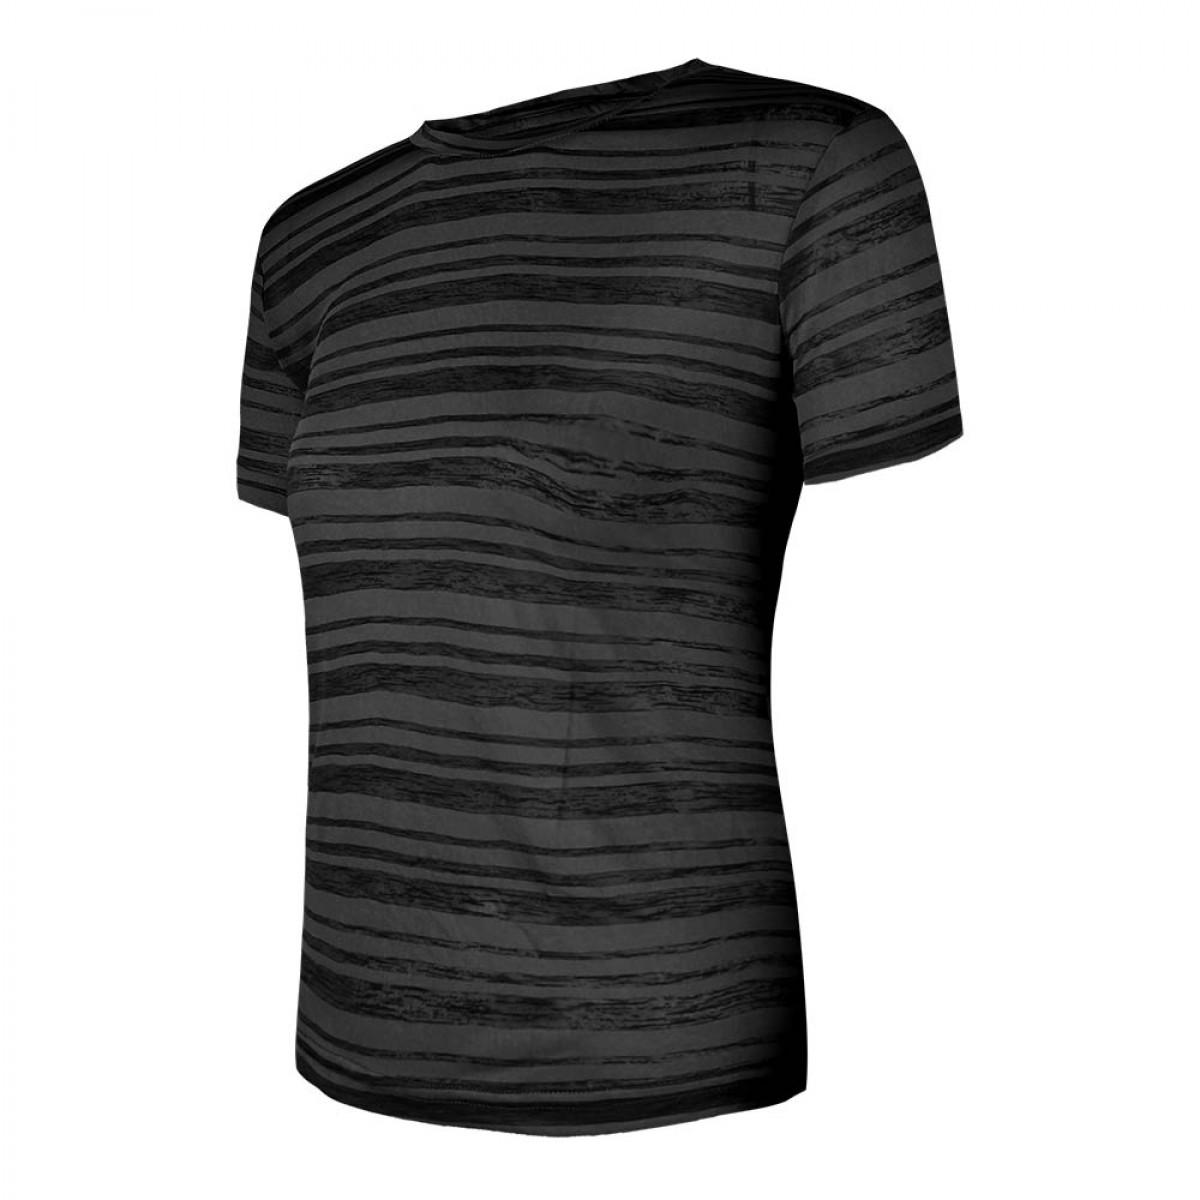 women-knitted-round-neck-t-shirt-kkrt16105-8a